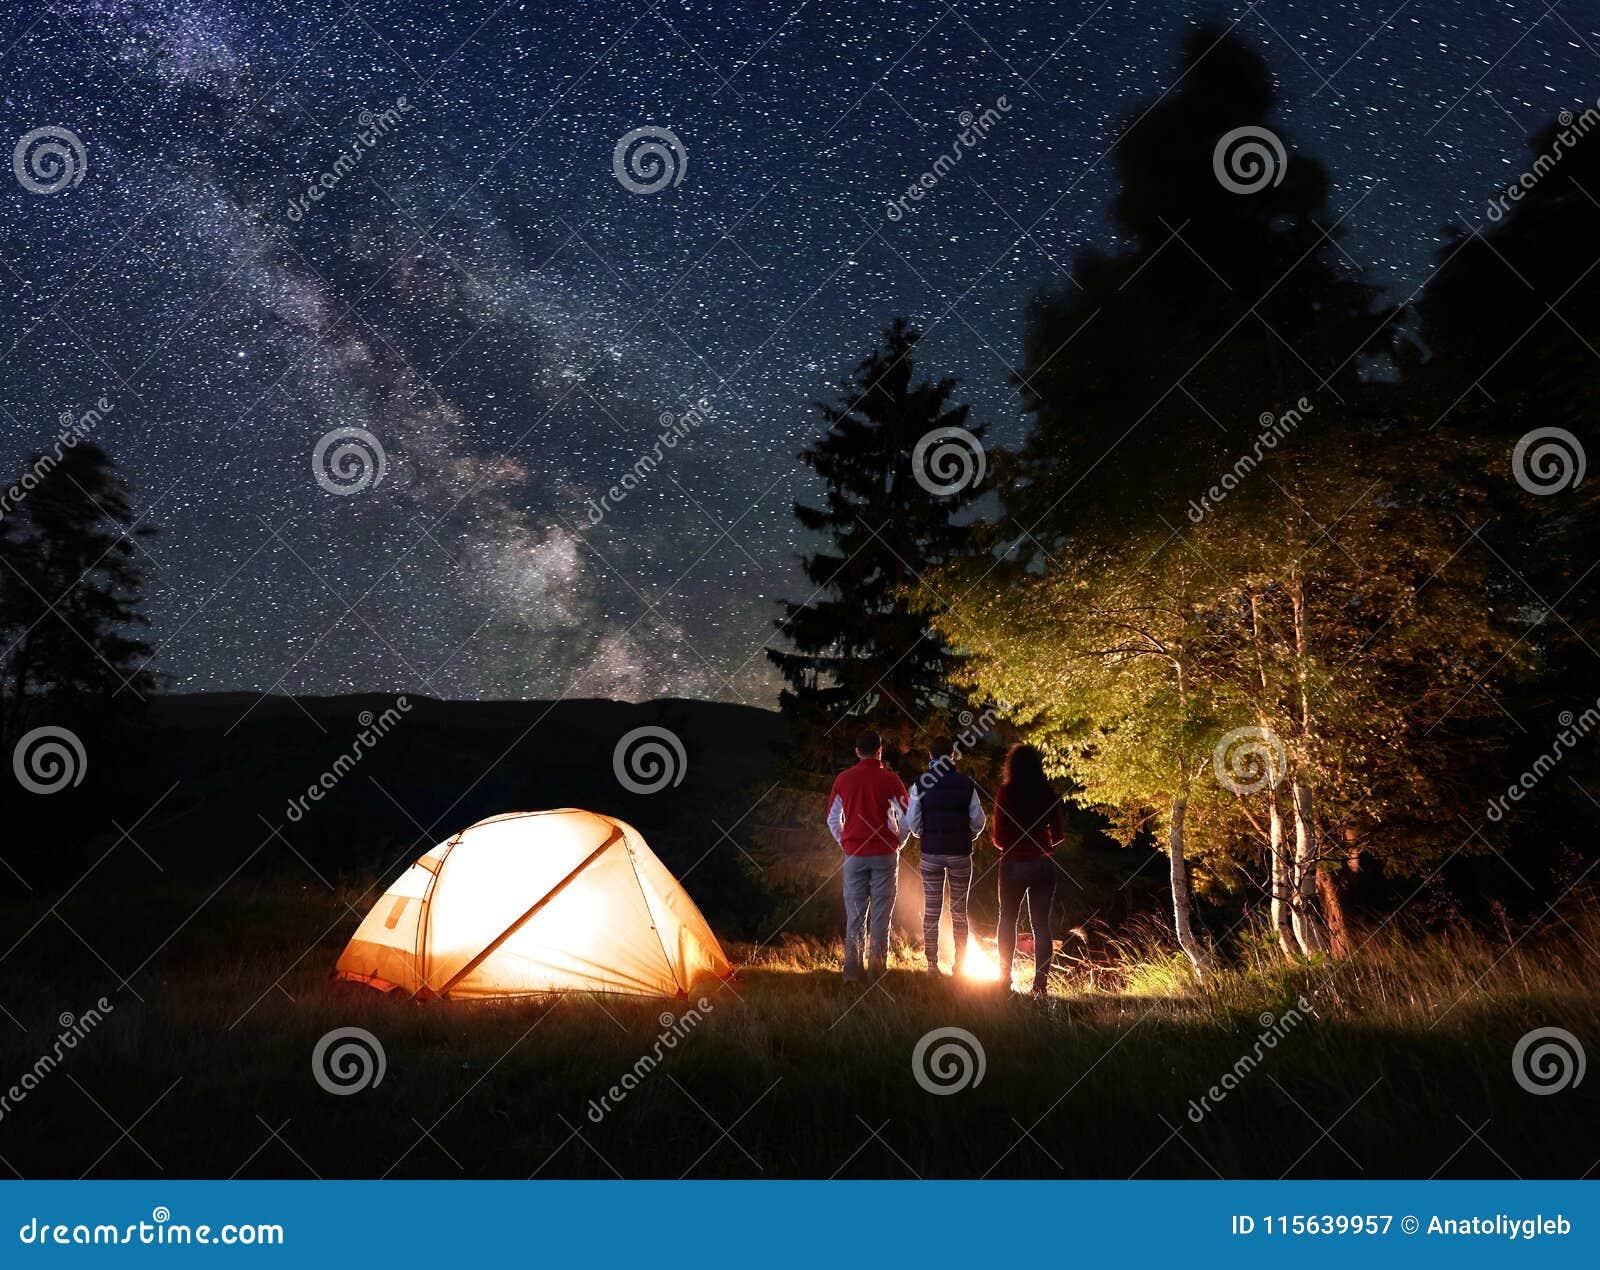 Personblick för bakre sikt tre på den brinnande branden nära tältet och träd under den ovanliga stjärnklara himlen